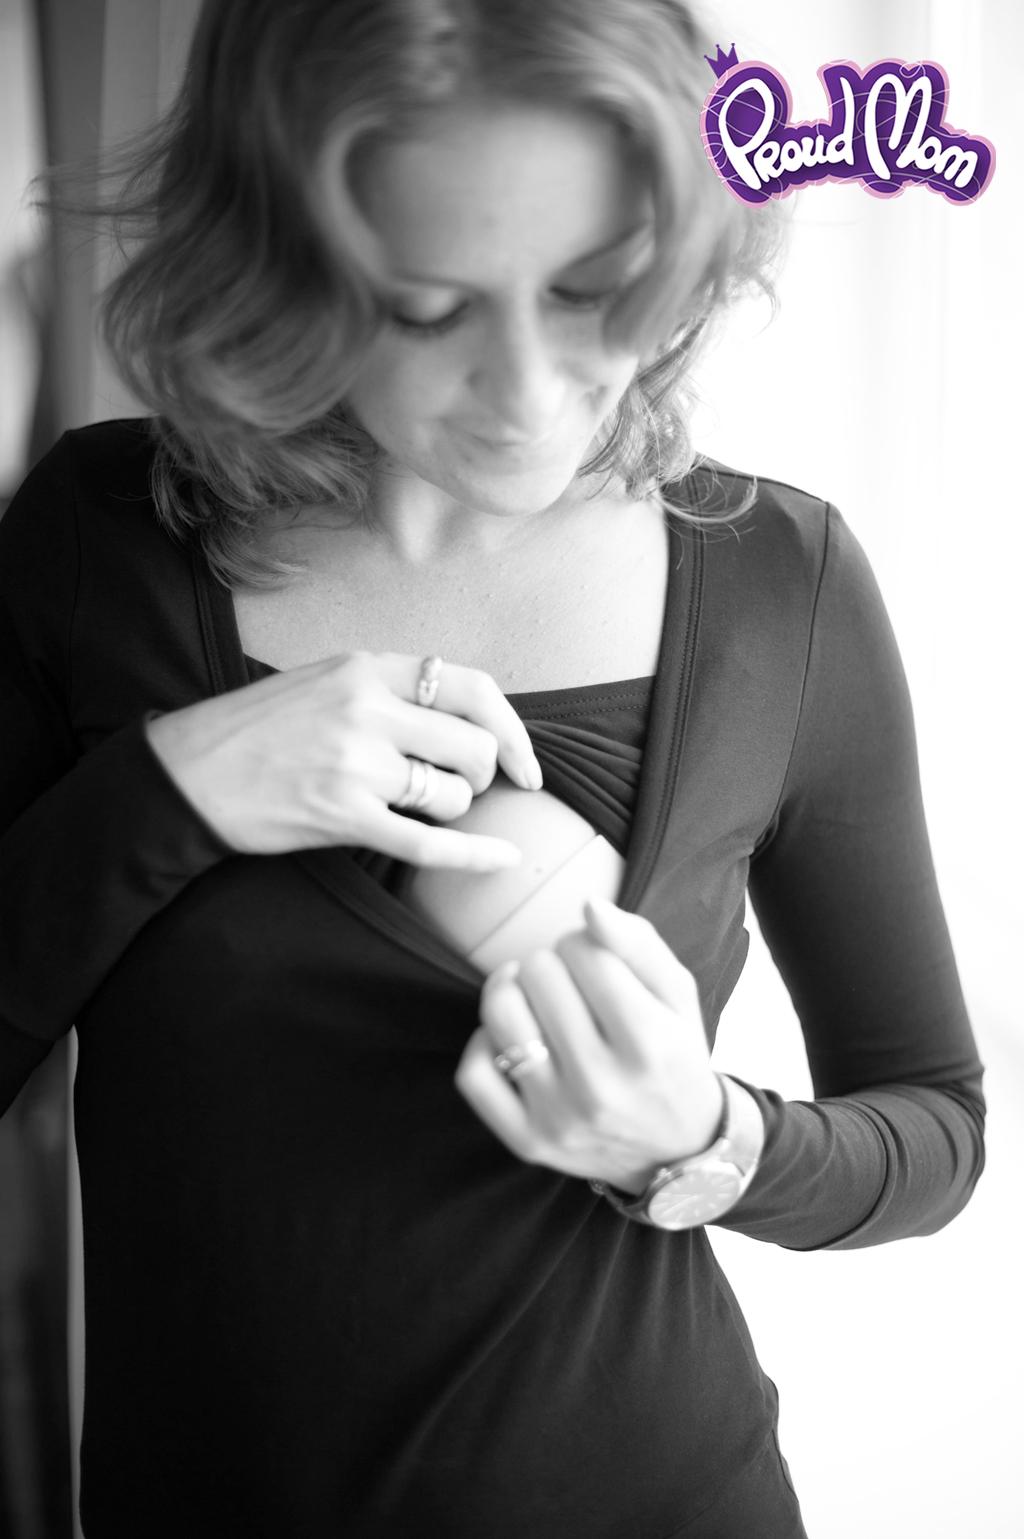 Секреты для кормления. Как покормить ребенка грудью удобно и незаметно для окружающих - фото 1